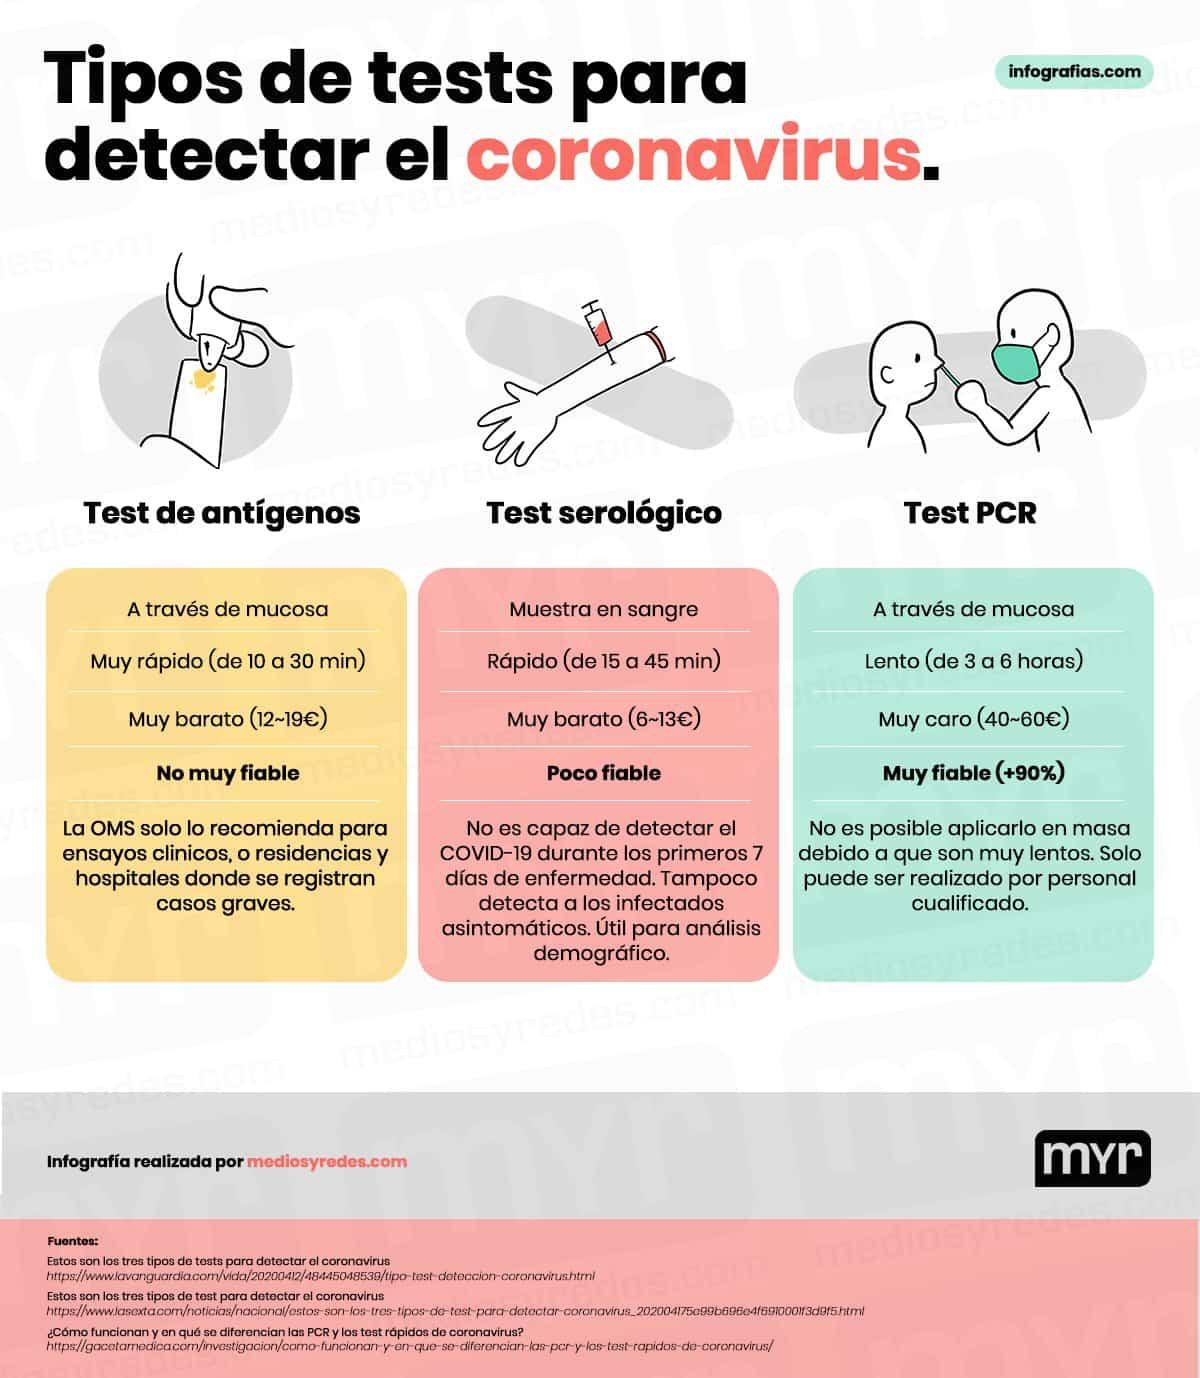 tipos de tests para detectar el coronavirus - Desde La Mancha llega mejor test rápido para del covid-19